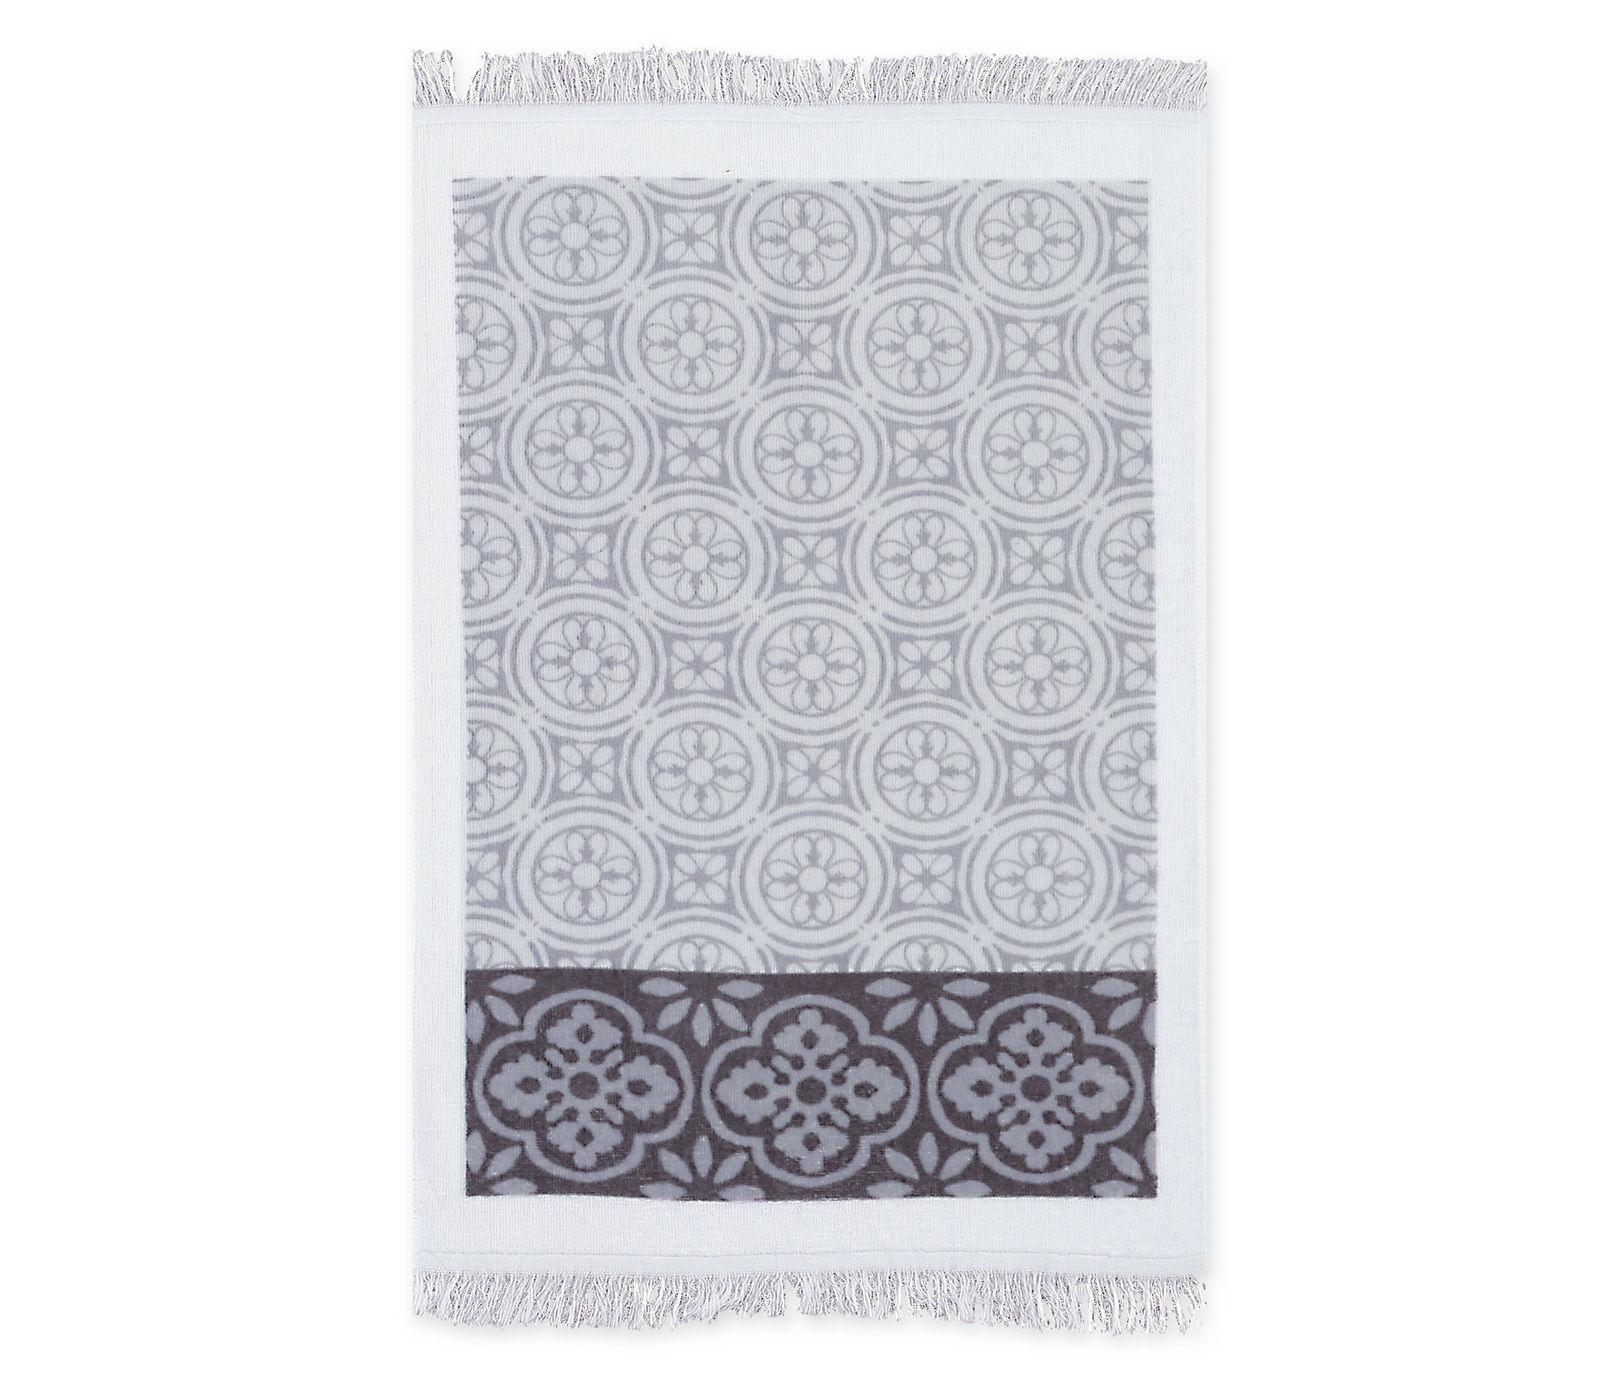 Ποτηρόπανο 40×60 Τυπωτό Βελουτέ Nef Nef Distinct Grey